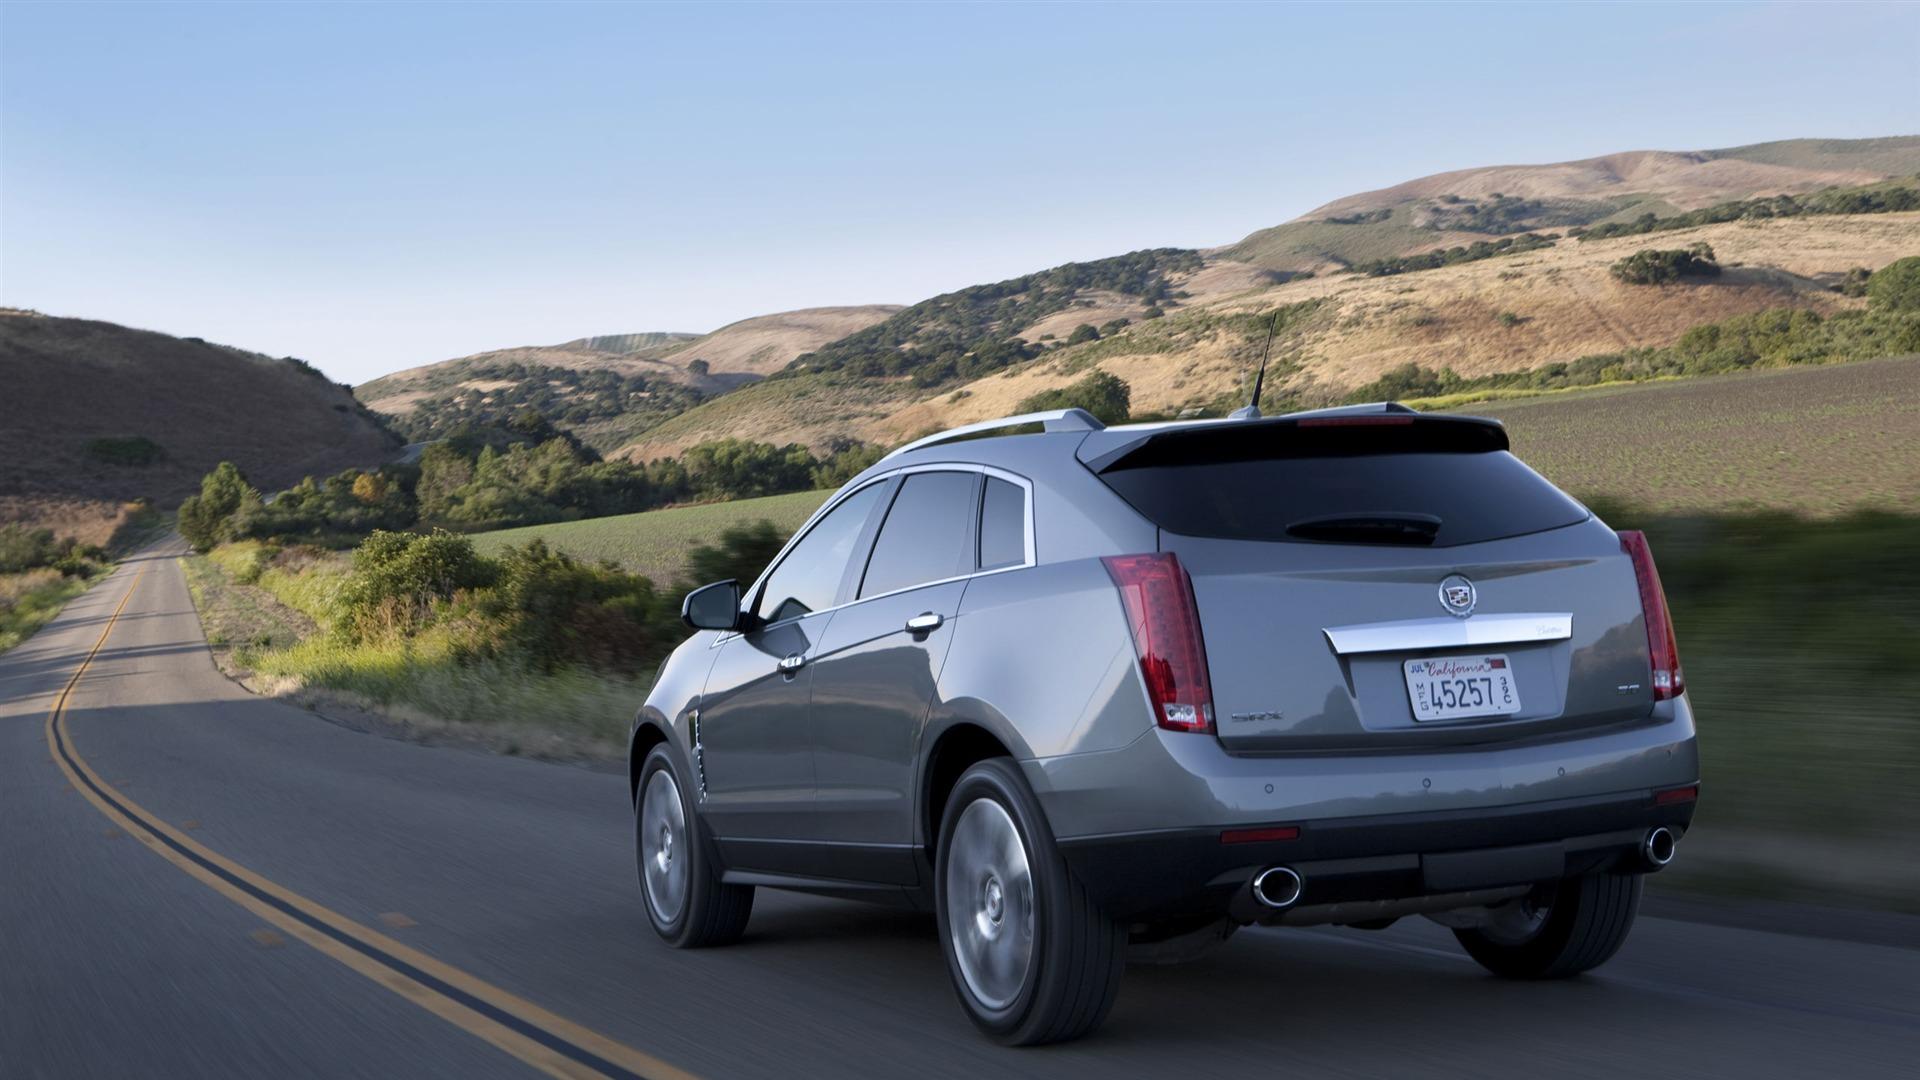 凯迪拉克 Cadillac SRX 系列桌面壁纸高清图片